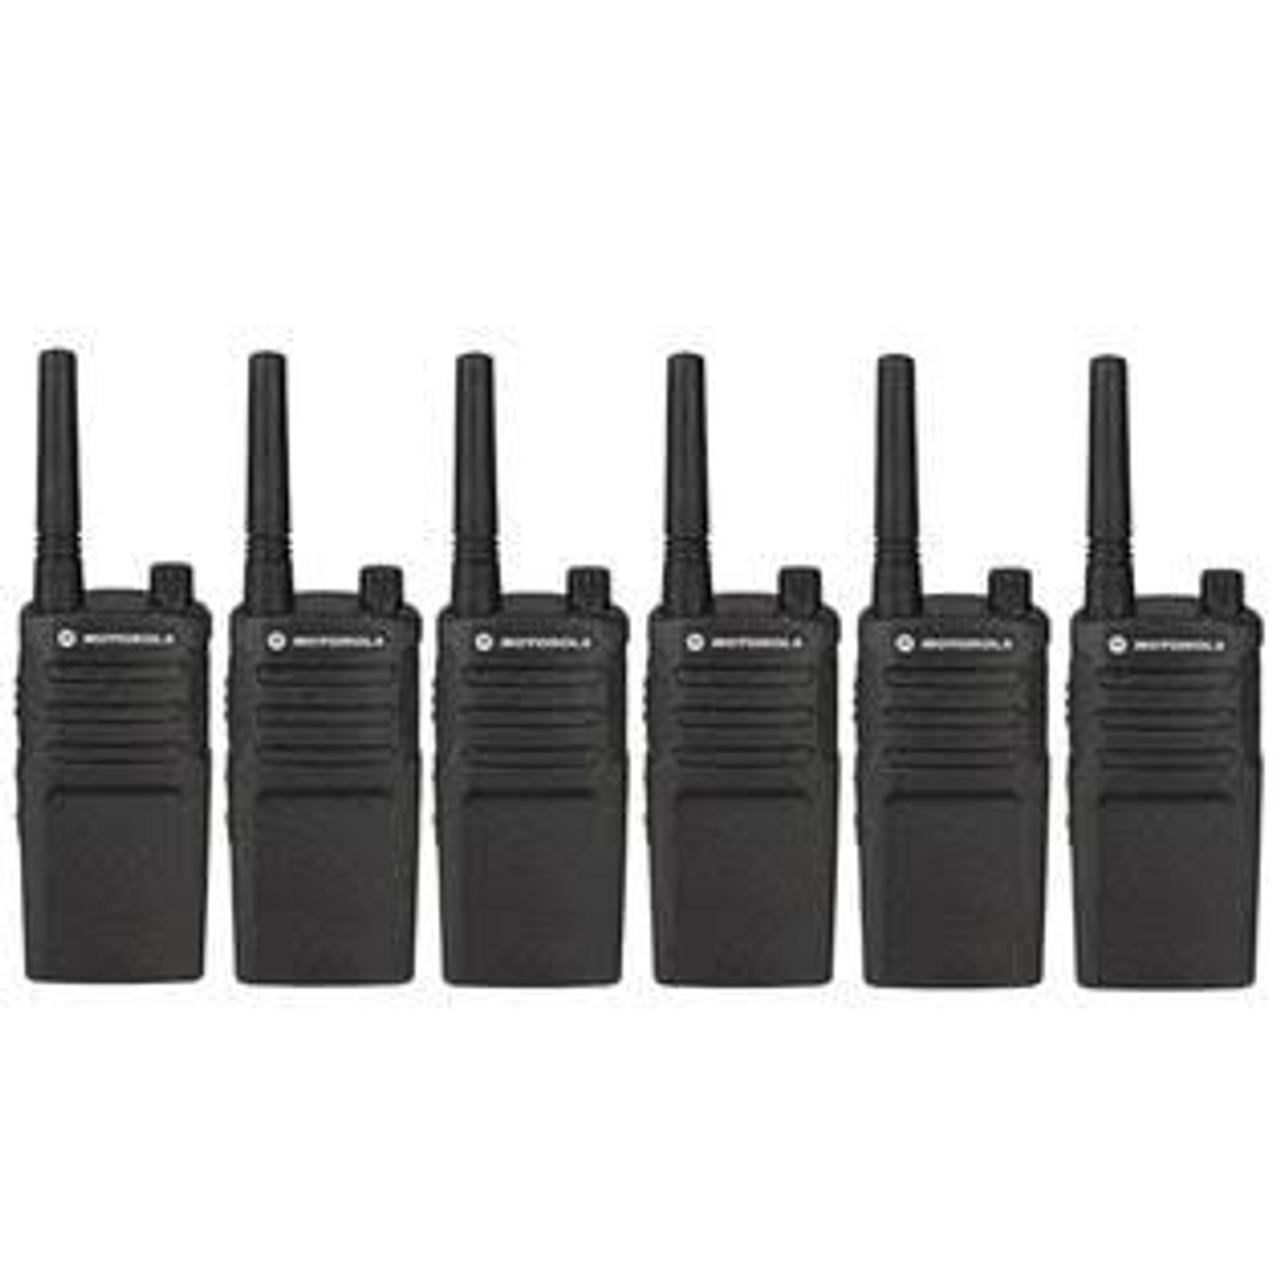 6 Pack of Motorola RMM2050 Two way Radio Walkie Talkies